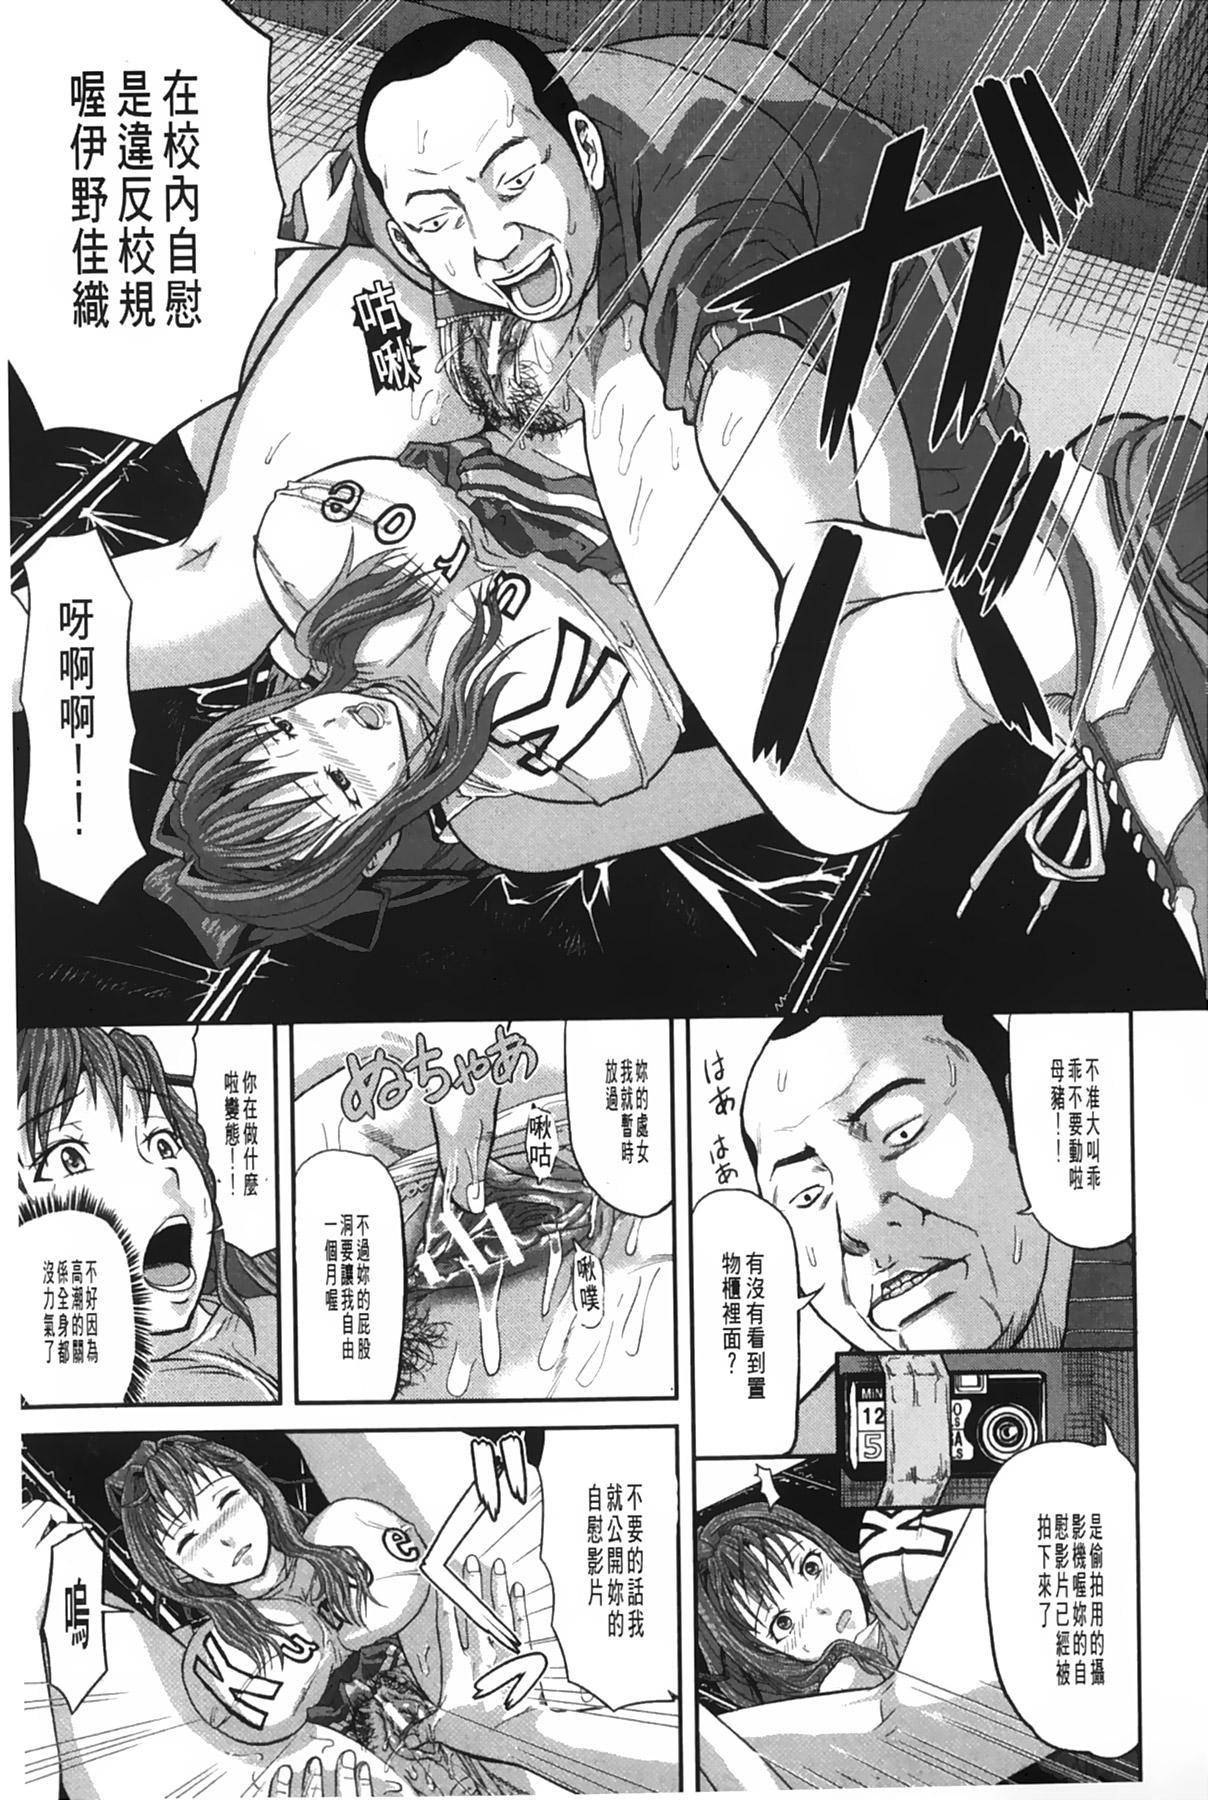 [Honebuto Danshaku] Onna Jigoku Niku no Tsubo~Hentai Rui Inran Ka Mesu Buta Ichidaiki~ | 女地獄、肉之壺 ~変態類淫乱科淫母豬一代記~ [Chinese] 119